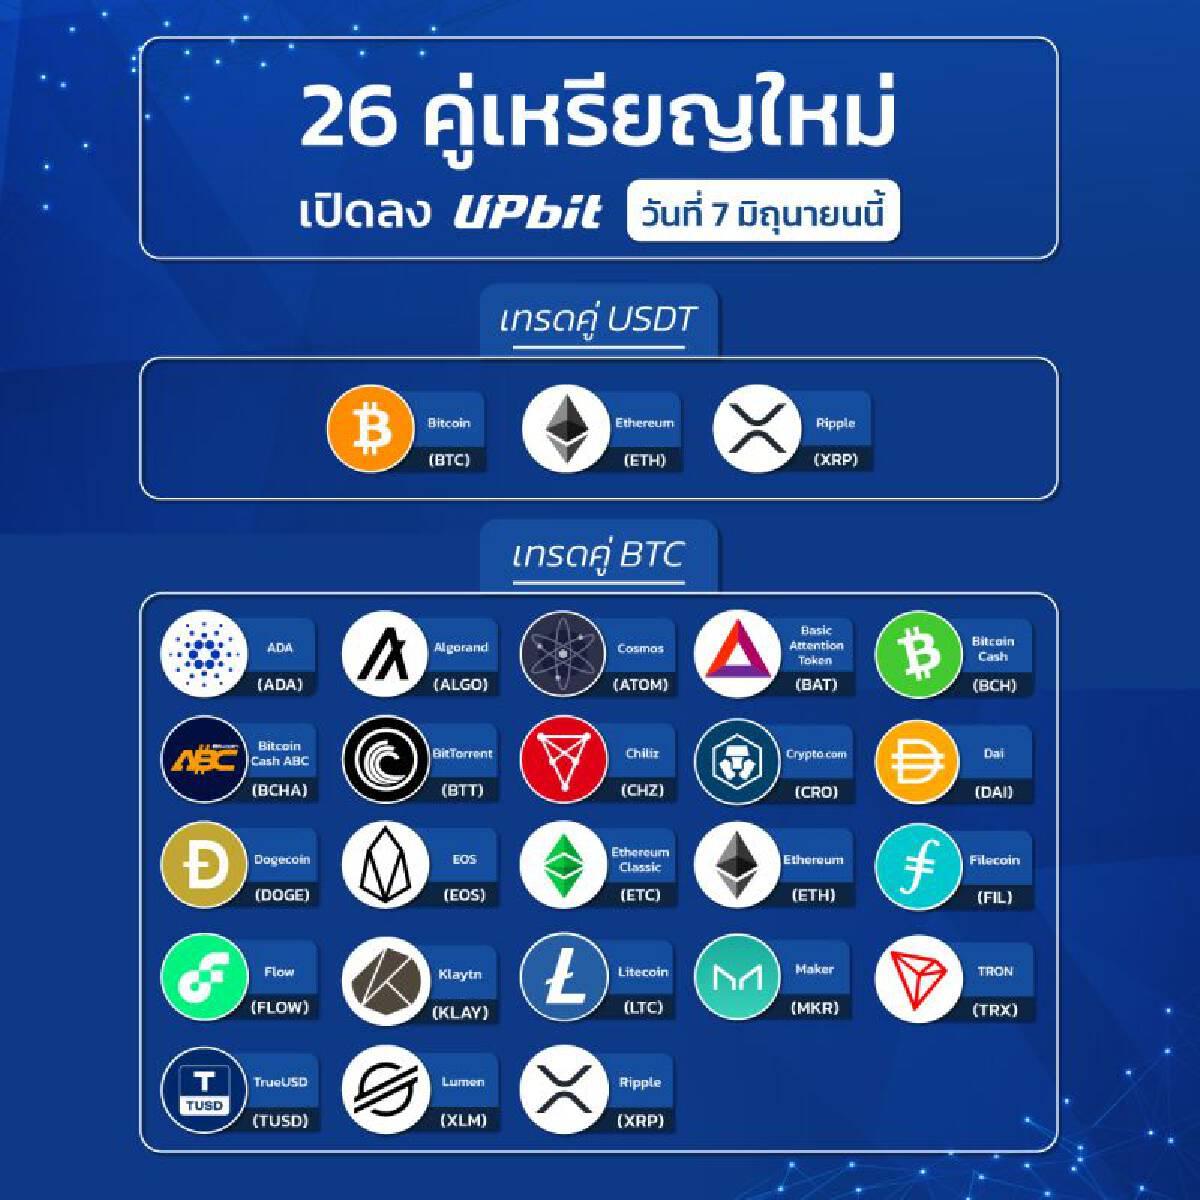 เปิดเทรดคู่เหรียญ BTC และ USDTเจ้าแรกในไทย